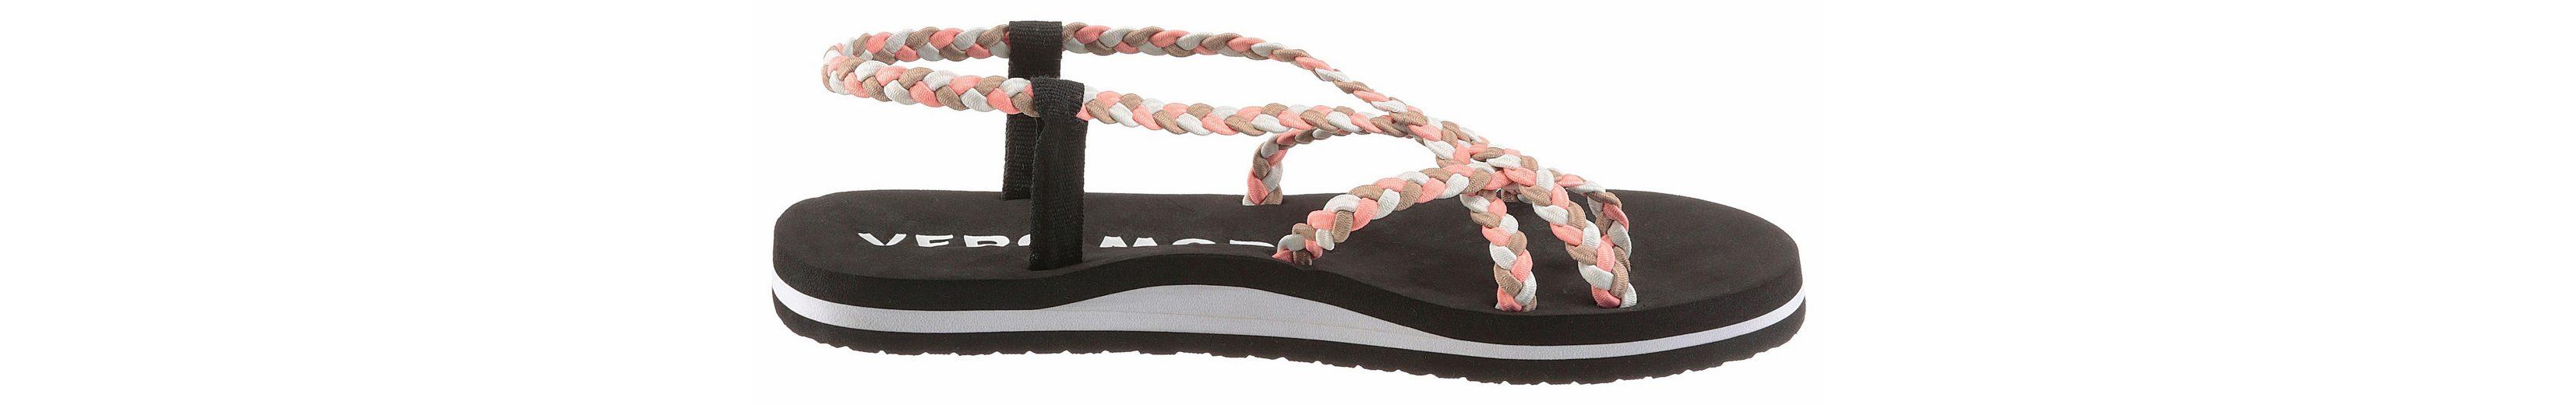 Vero Moda Riemchensandale, mit Textilschlaufen